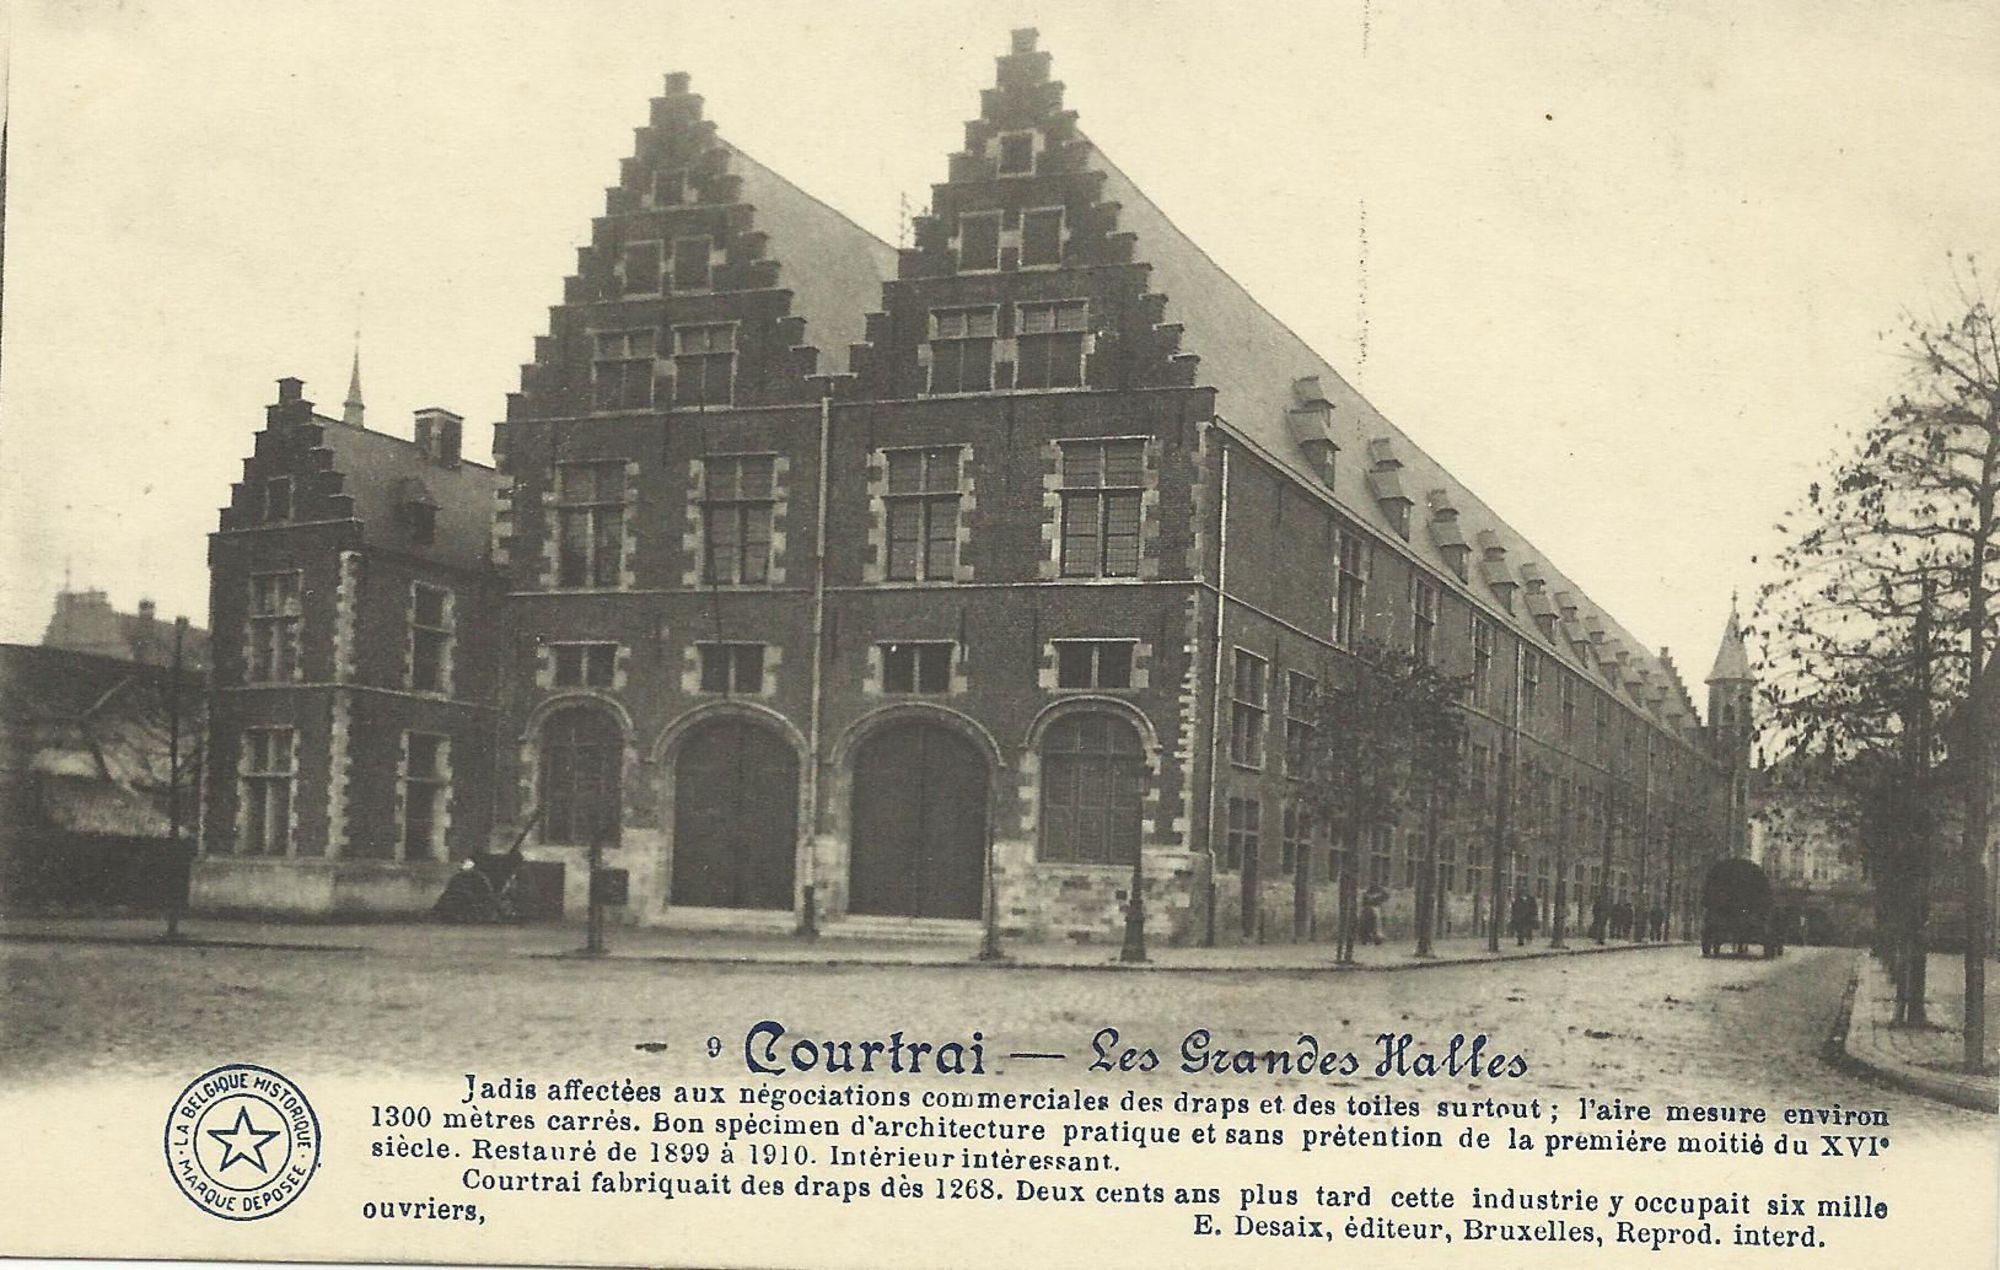 Grote hallen van Kortrijk